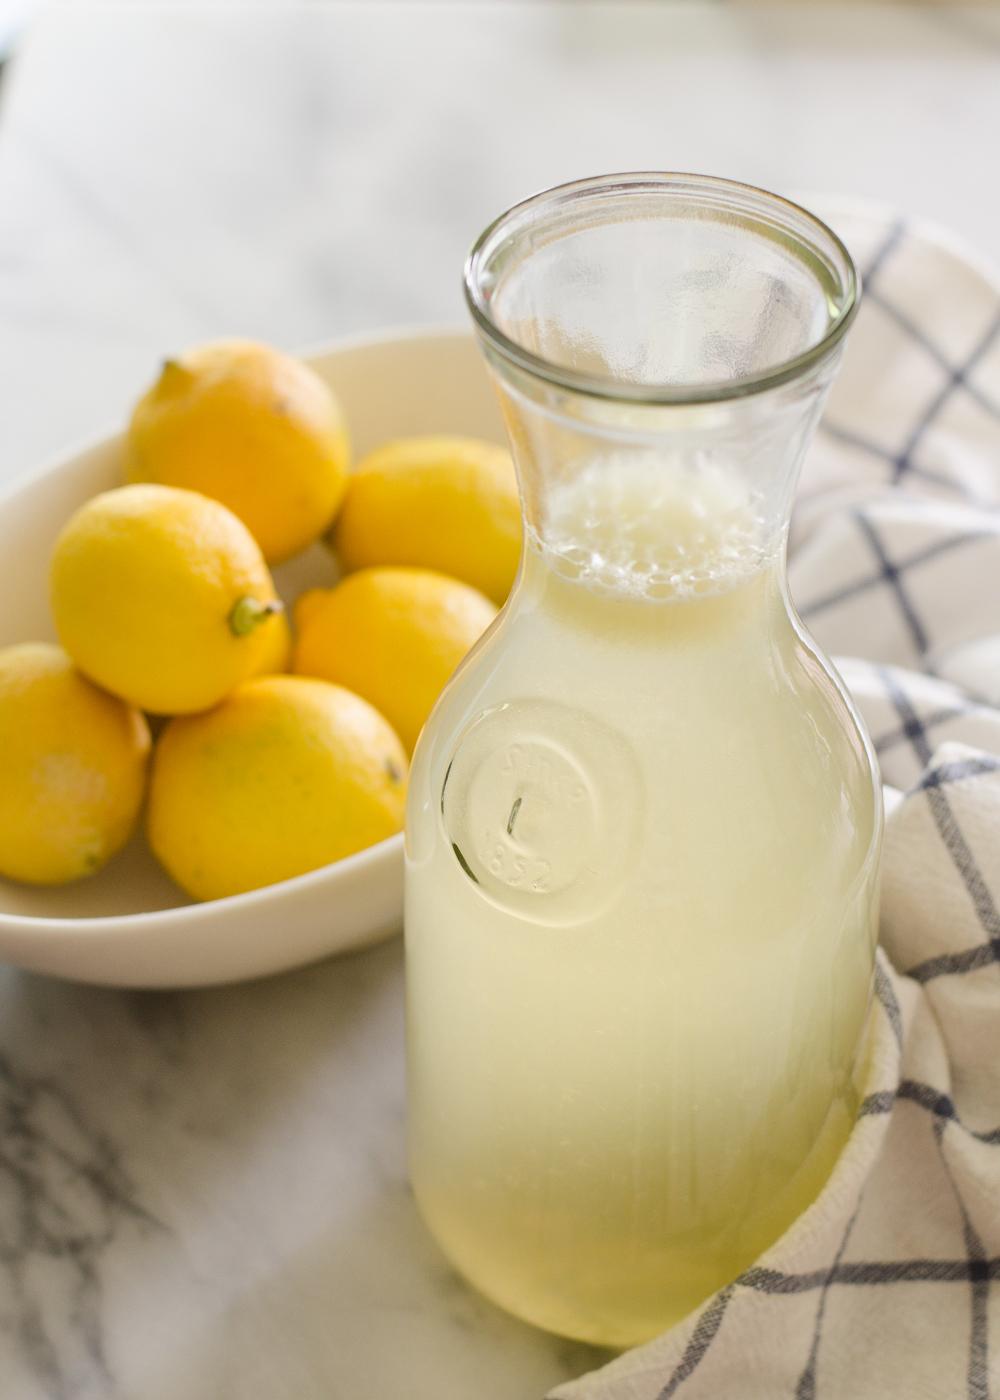 boisson rafraichisante, limonade, citrons, eau, sucre, recette classique, que boire picnicn plage en été, idee pique nique facile